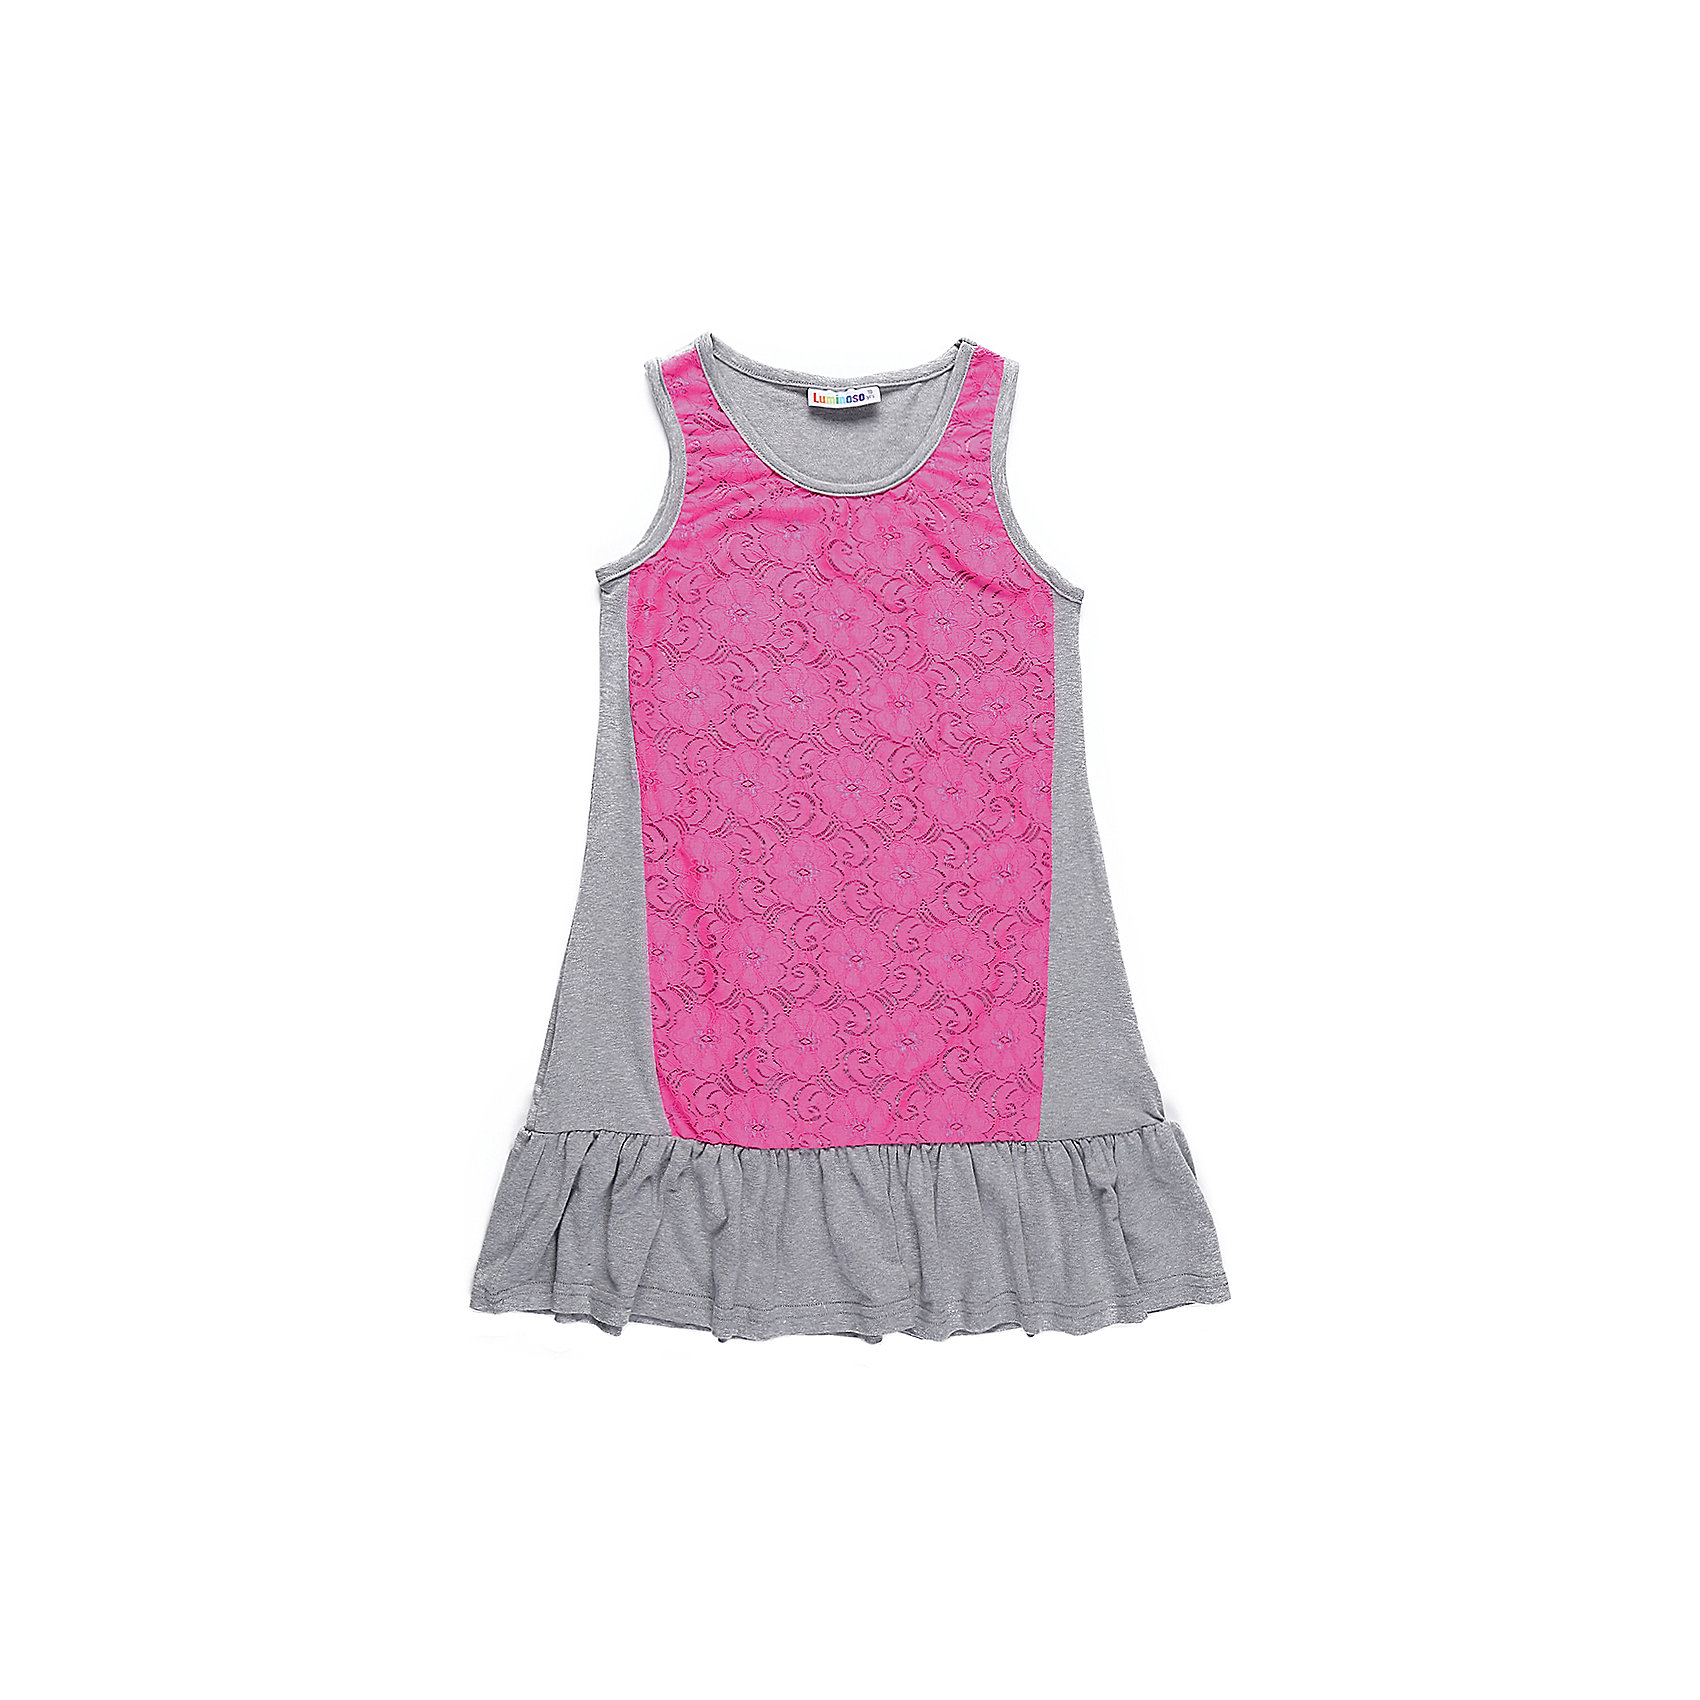 Платье для девочки LuminosoПлатья и сарафаны<br>Трикотажное платье для девочки декорированное контрастным кружевом и воланом по низу изделия. Свободный крой.<br>Состав:<br>48%полиэстер 36%вискоза  11.7%хлопок 4.3%эластан<br><br>Ширина мм: 236<br>Глубина мм: 16<br>Высота мм: 184<br>Вес г: 177<br>Цвет: розовый<br>Возраст от месяцев: 96<br>Возраст до месяцев: 108<br>Пол: Женский<br>Возраст: Детский<br>Размер: 134,140,146,152,158,164<br>SKU: 5413661